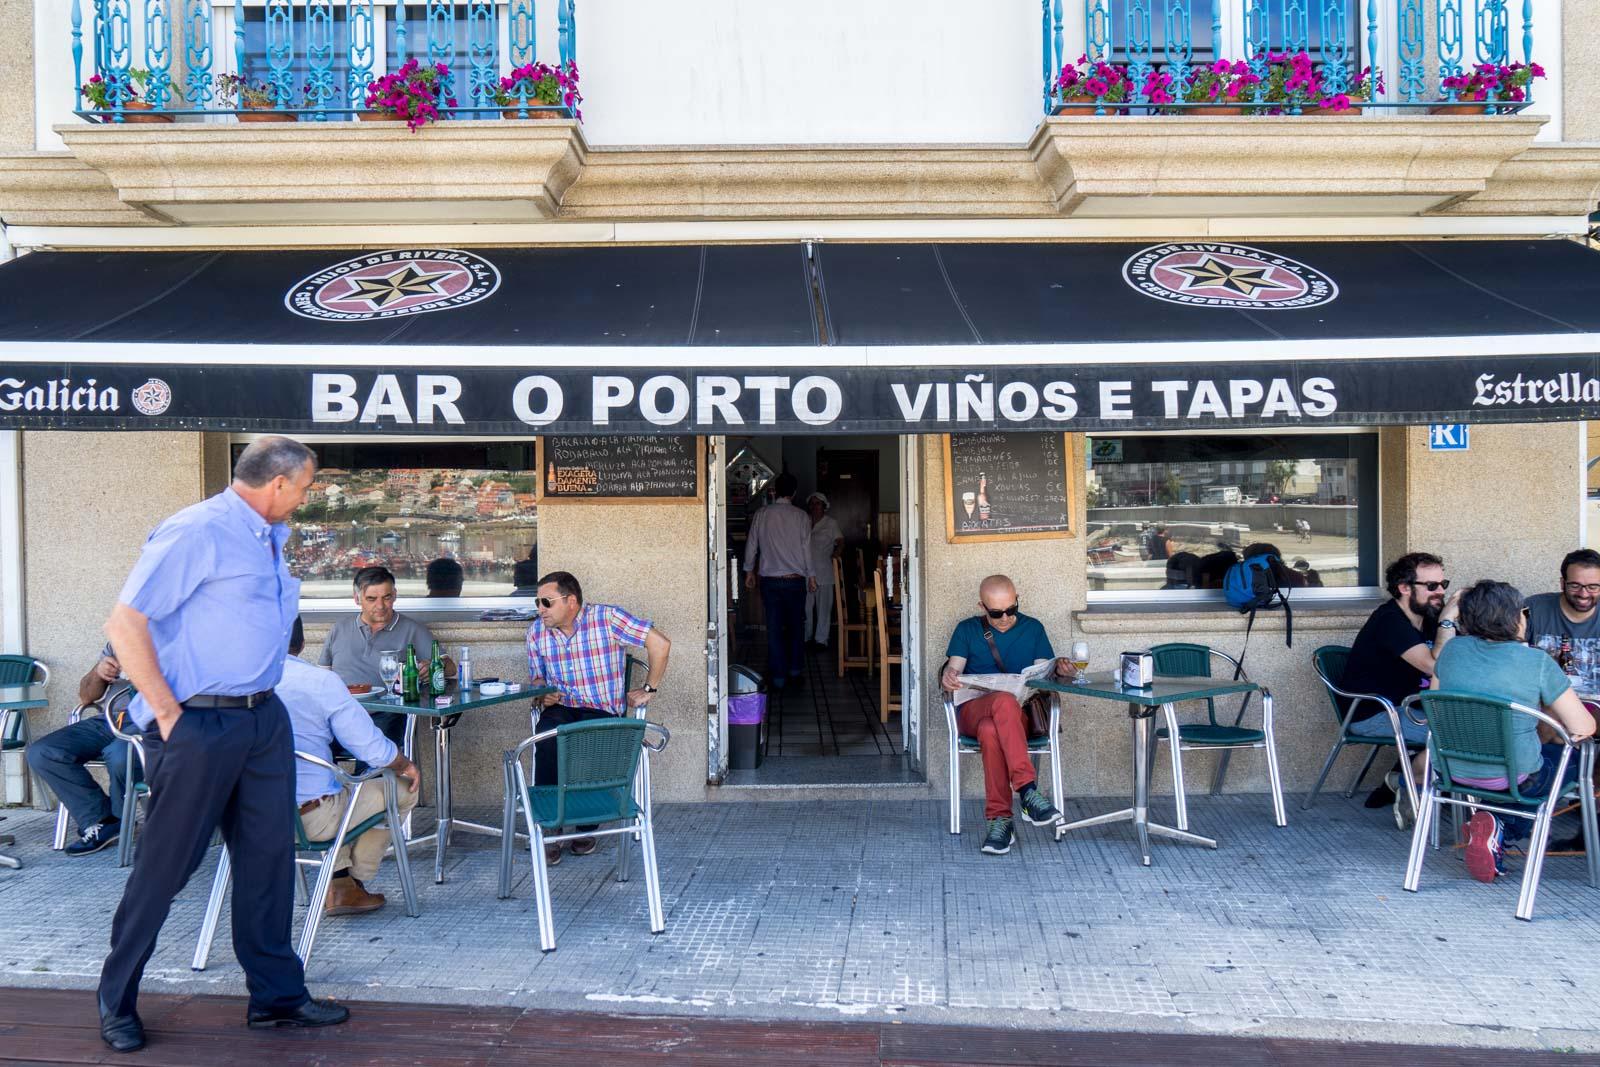 Bar o Porto, Arousa, Spain